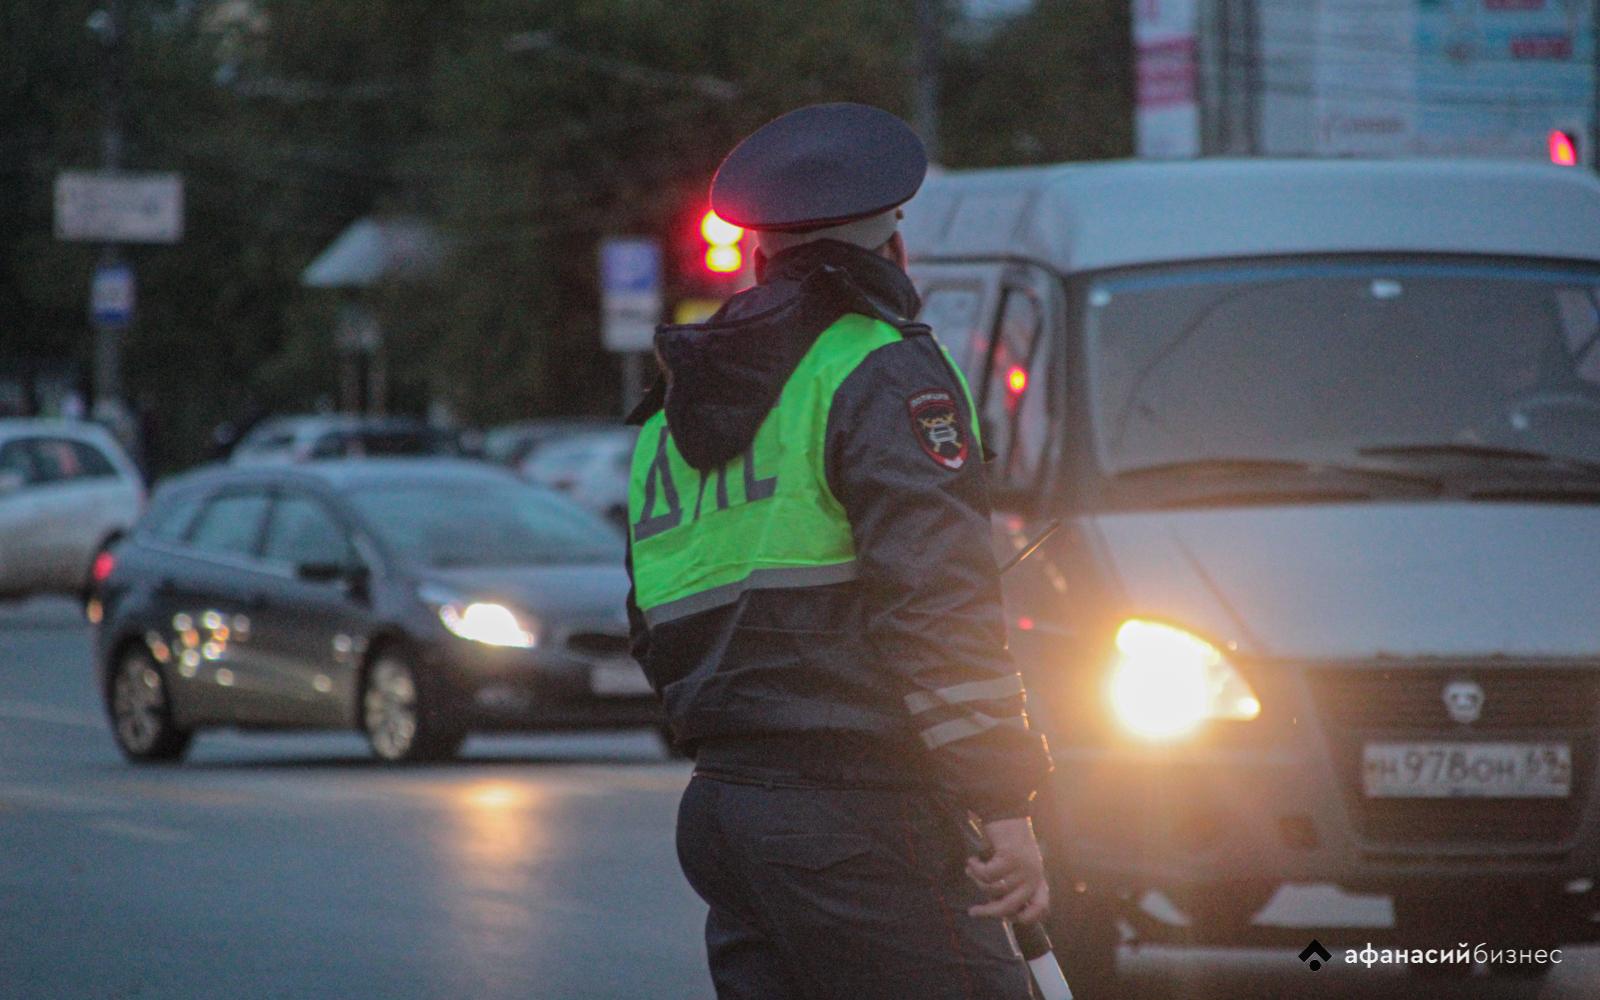 На дорогах Тверской области остановили более полусотни пьяных водителей - новости Афанасий